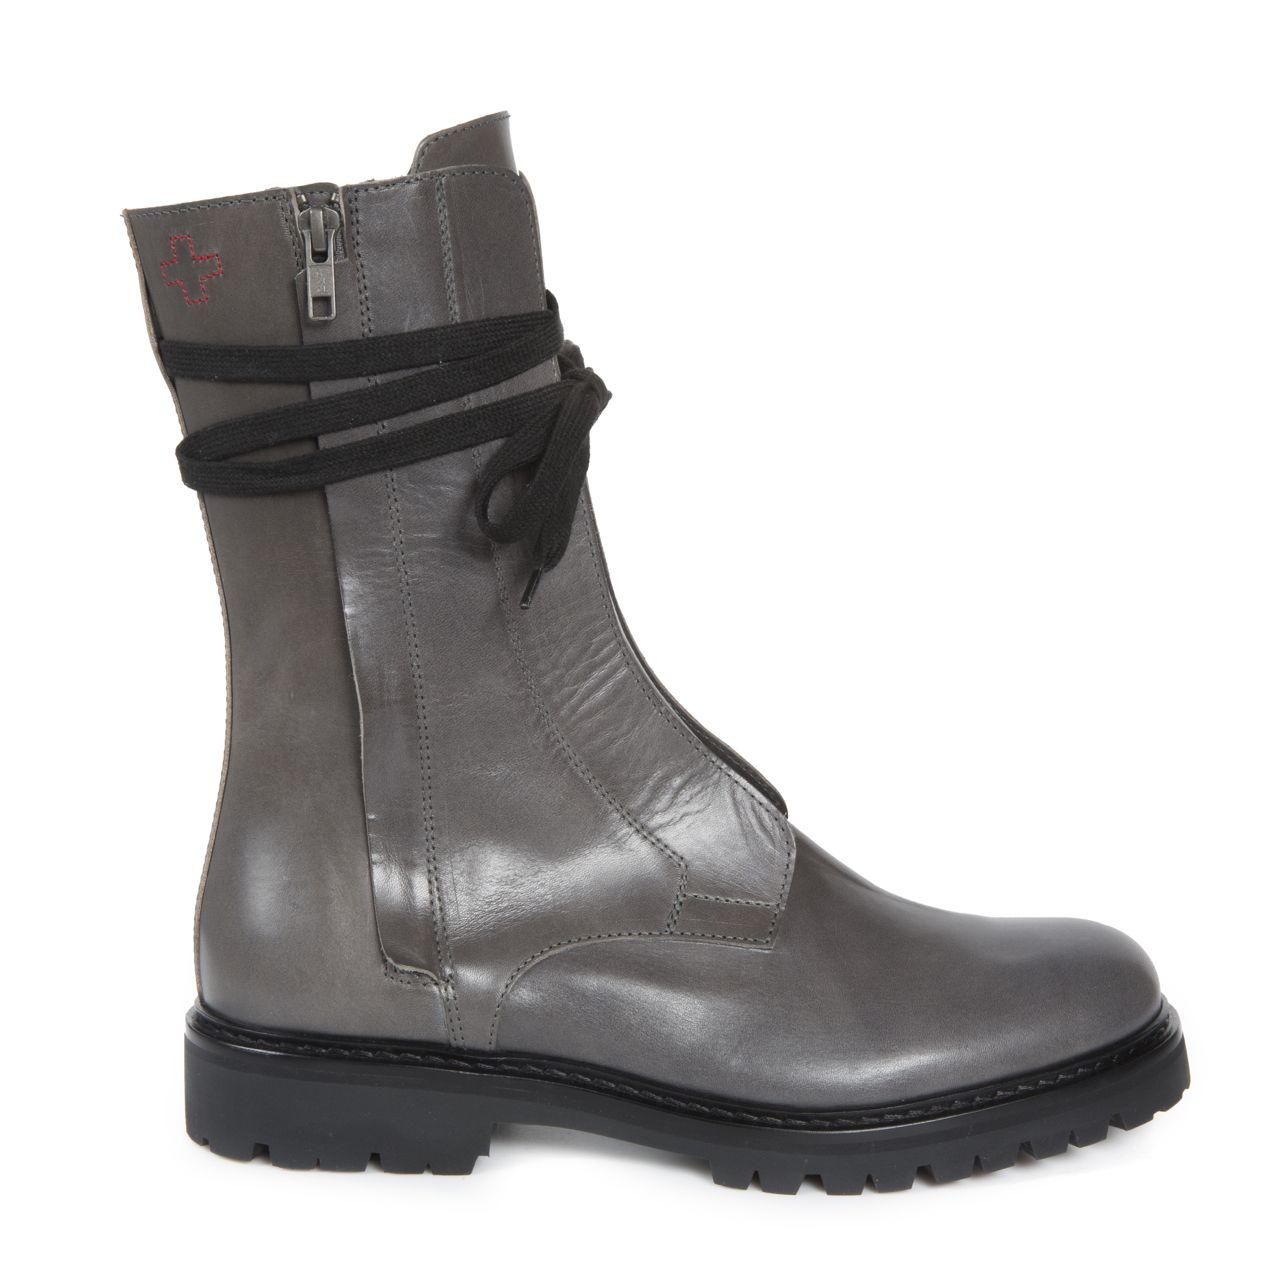 FOOTWEAR - Boots A.F.Vandevorst Clearance Visa Payment PdZCu